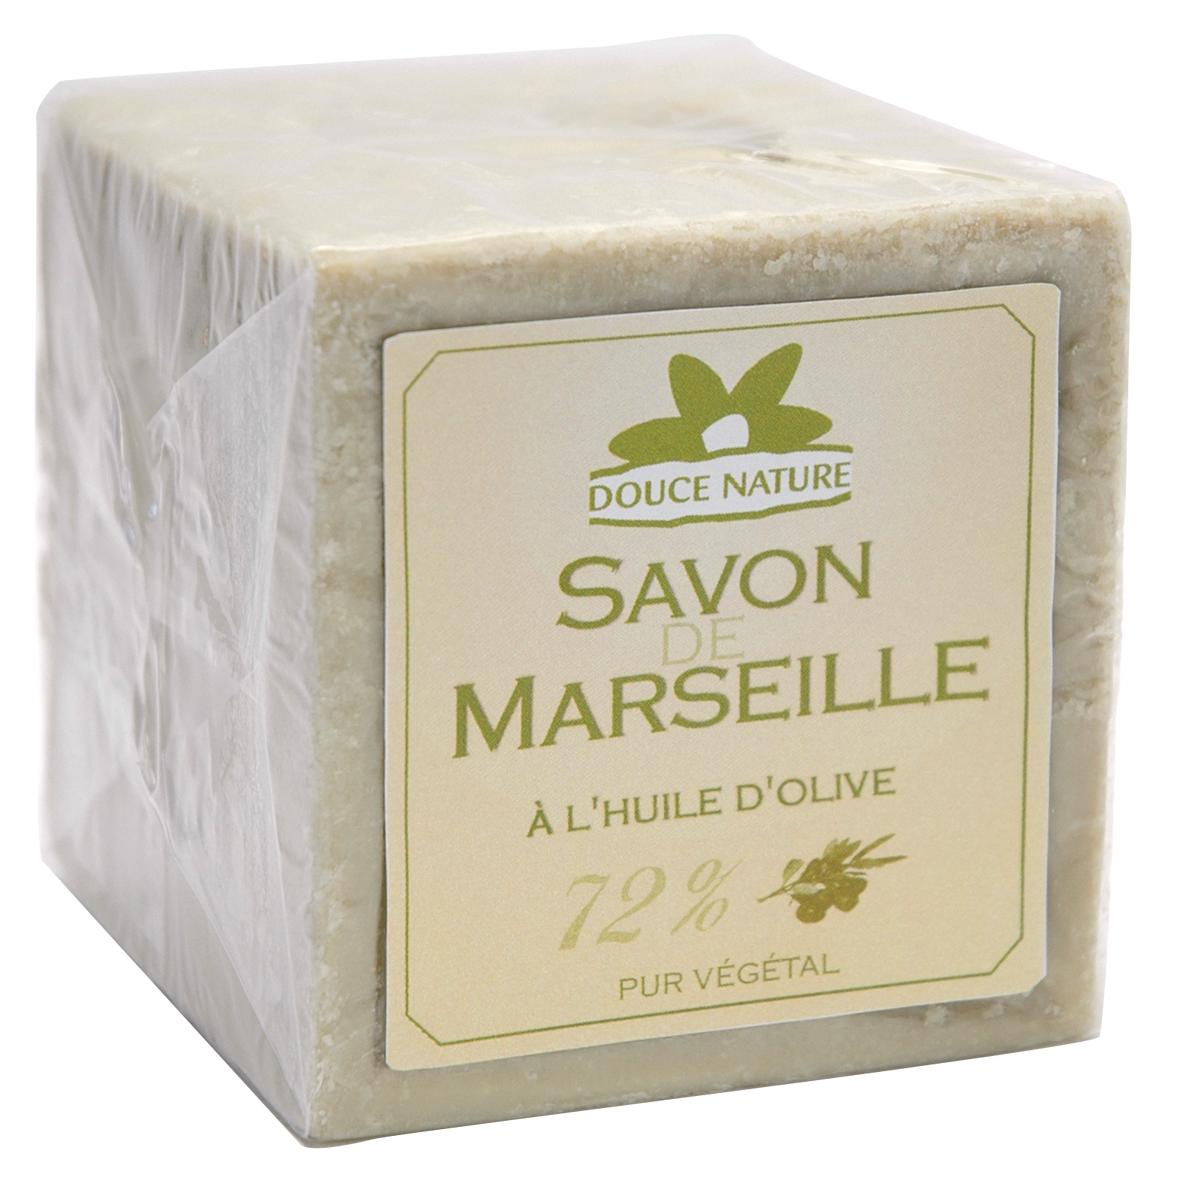 Savon vert de Marseille à l'huile d'olive (72 %), Douce Nature (600 g)